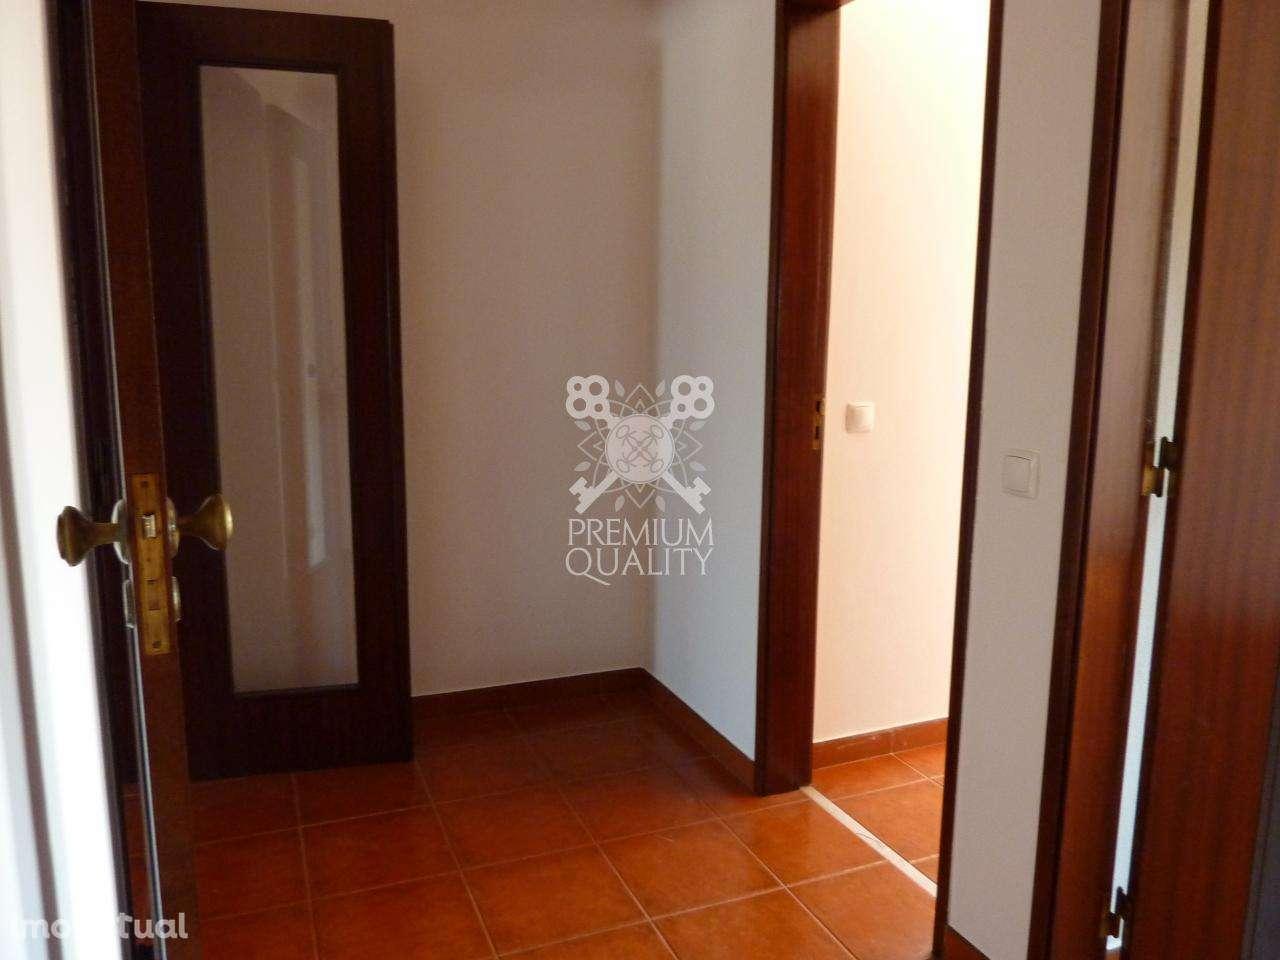 Apartamento para comprar, Castelo (Sesimbra), Sesimbra, Setúbal - Foto 4